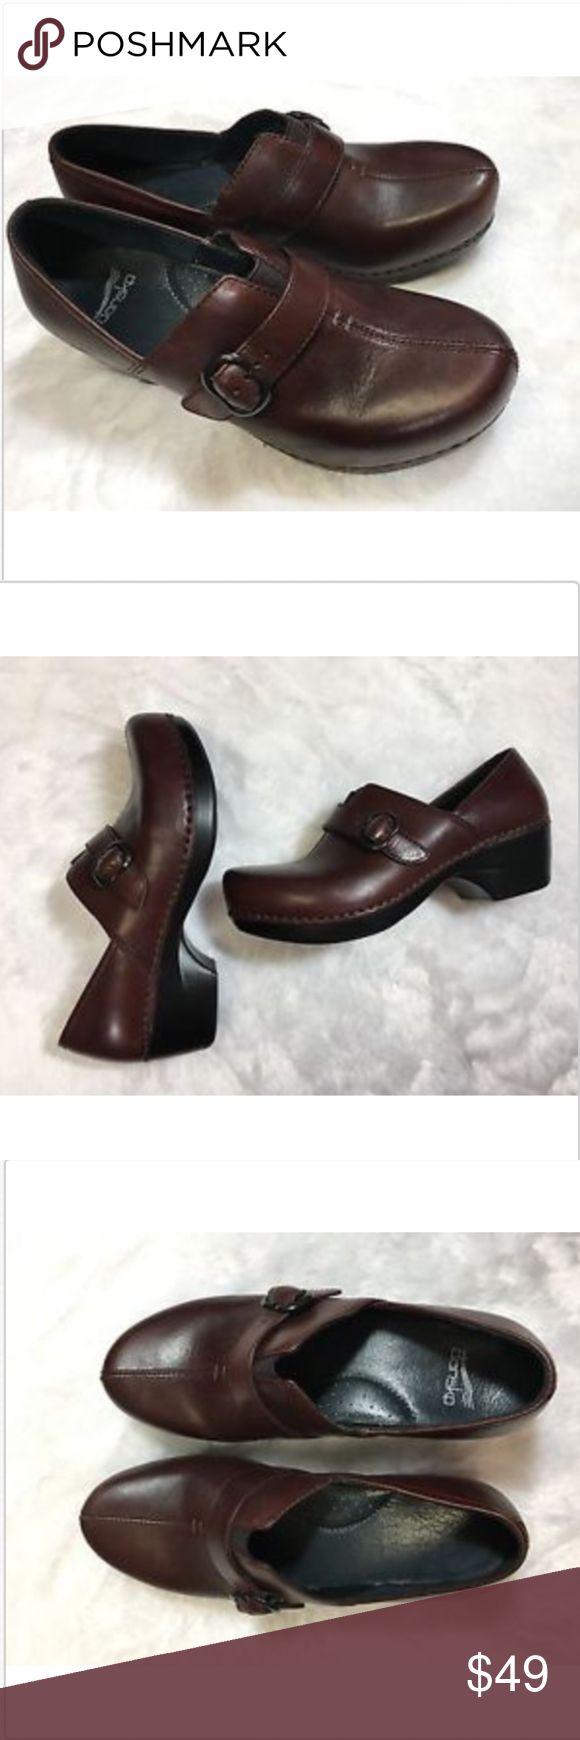 Dansko Tamara Clog Cordovan Leather Shoes Dansko Size 38 8 Tamara Clog Cordovan Burnished Brown Leather Shoes Buckle Dansko Shoes Mules & Clogs